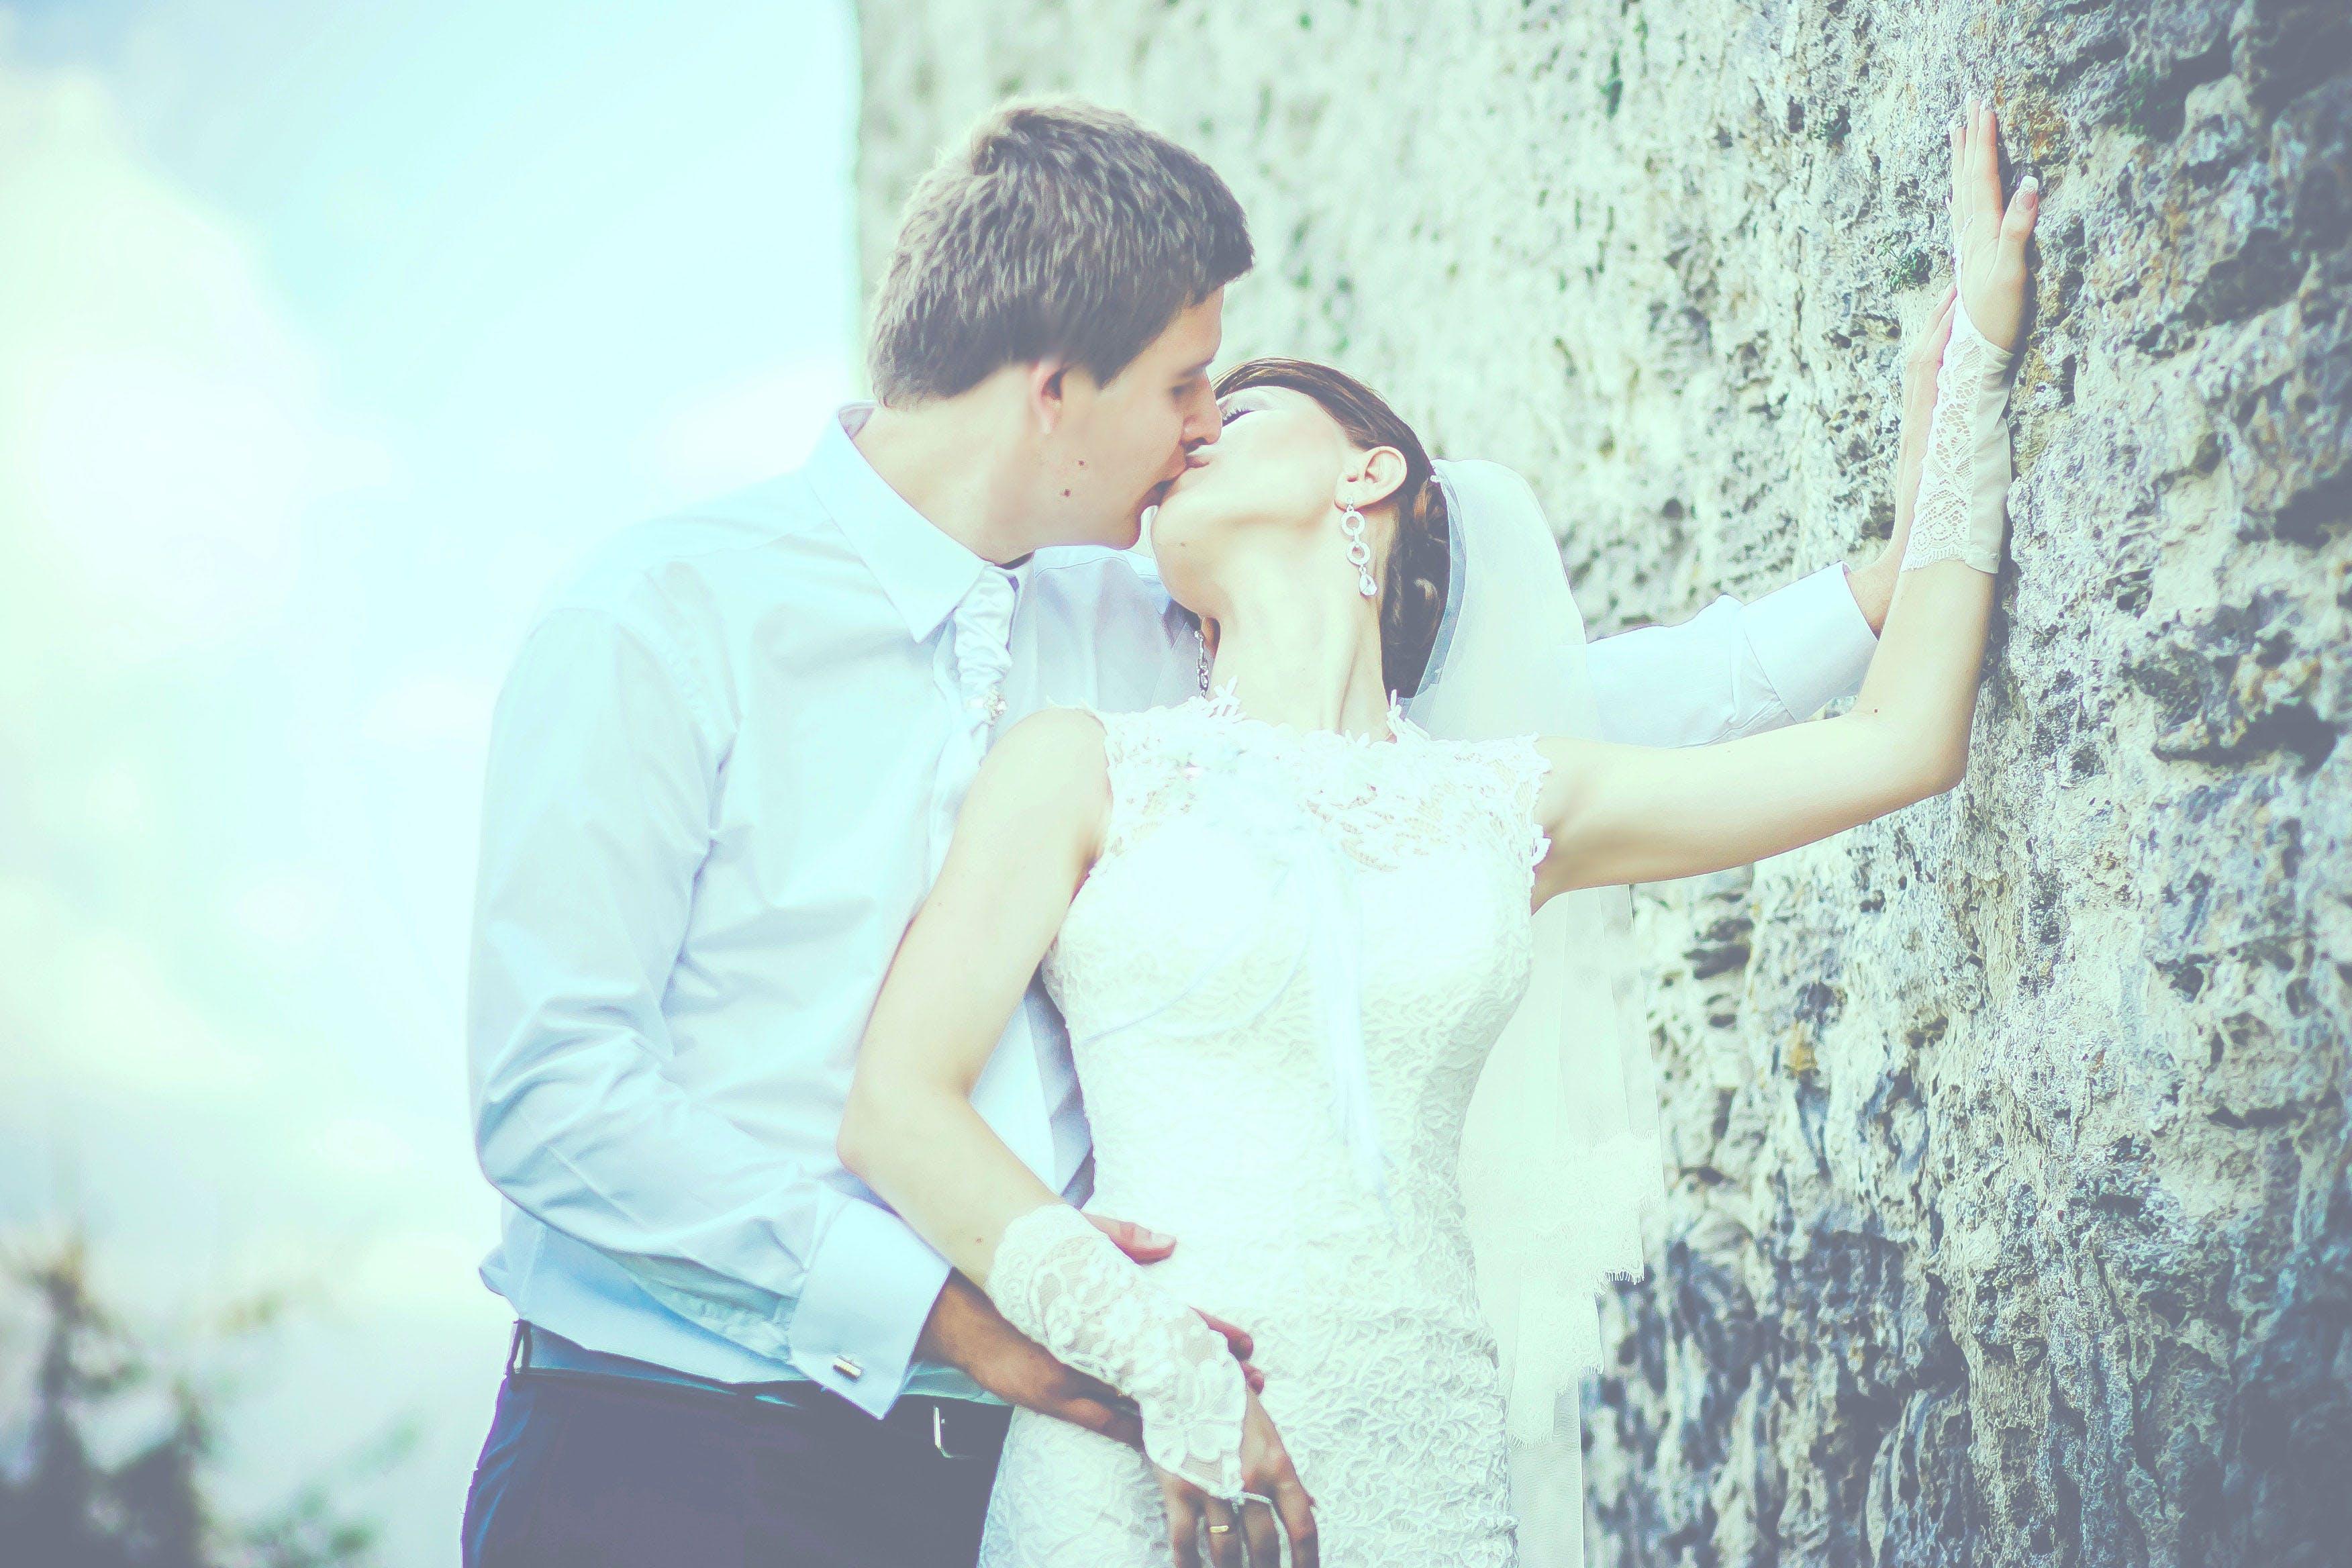 Δωρεάν στοκ φωτογραφιών με αγάπη, άνδρας, ασπασμός, γαμήλια τελετή